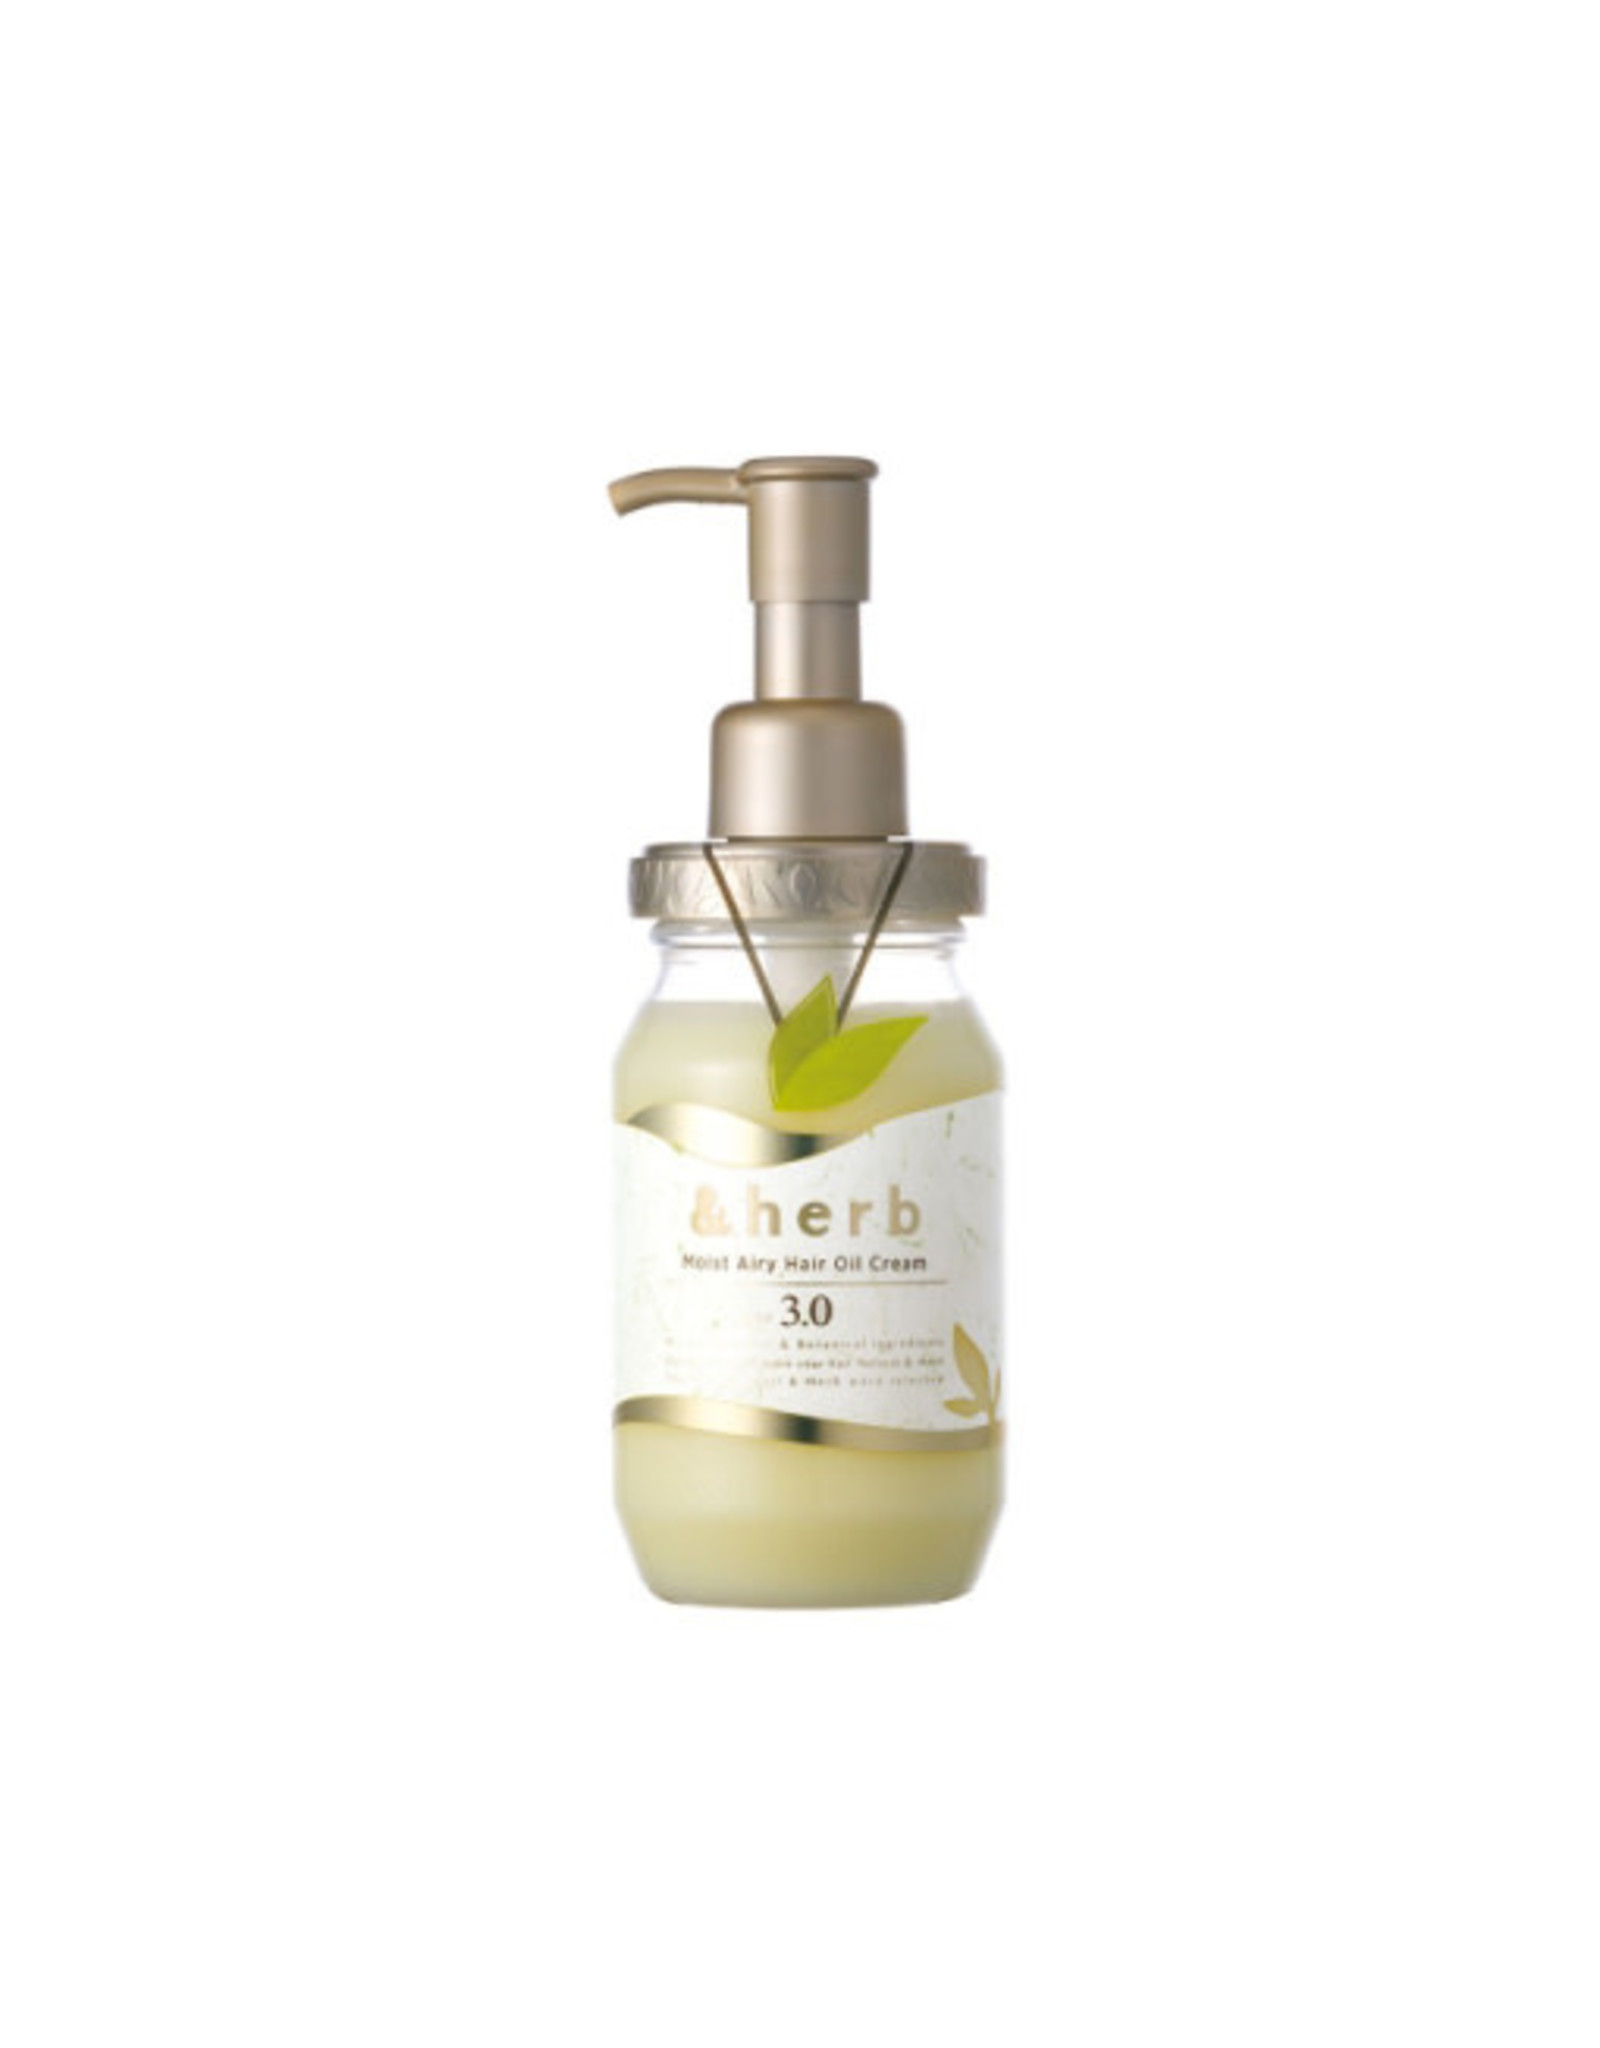 Vicrea Herb Moist Airy Oil Hair Cream 3.0 100ml